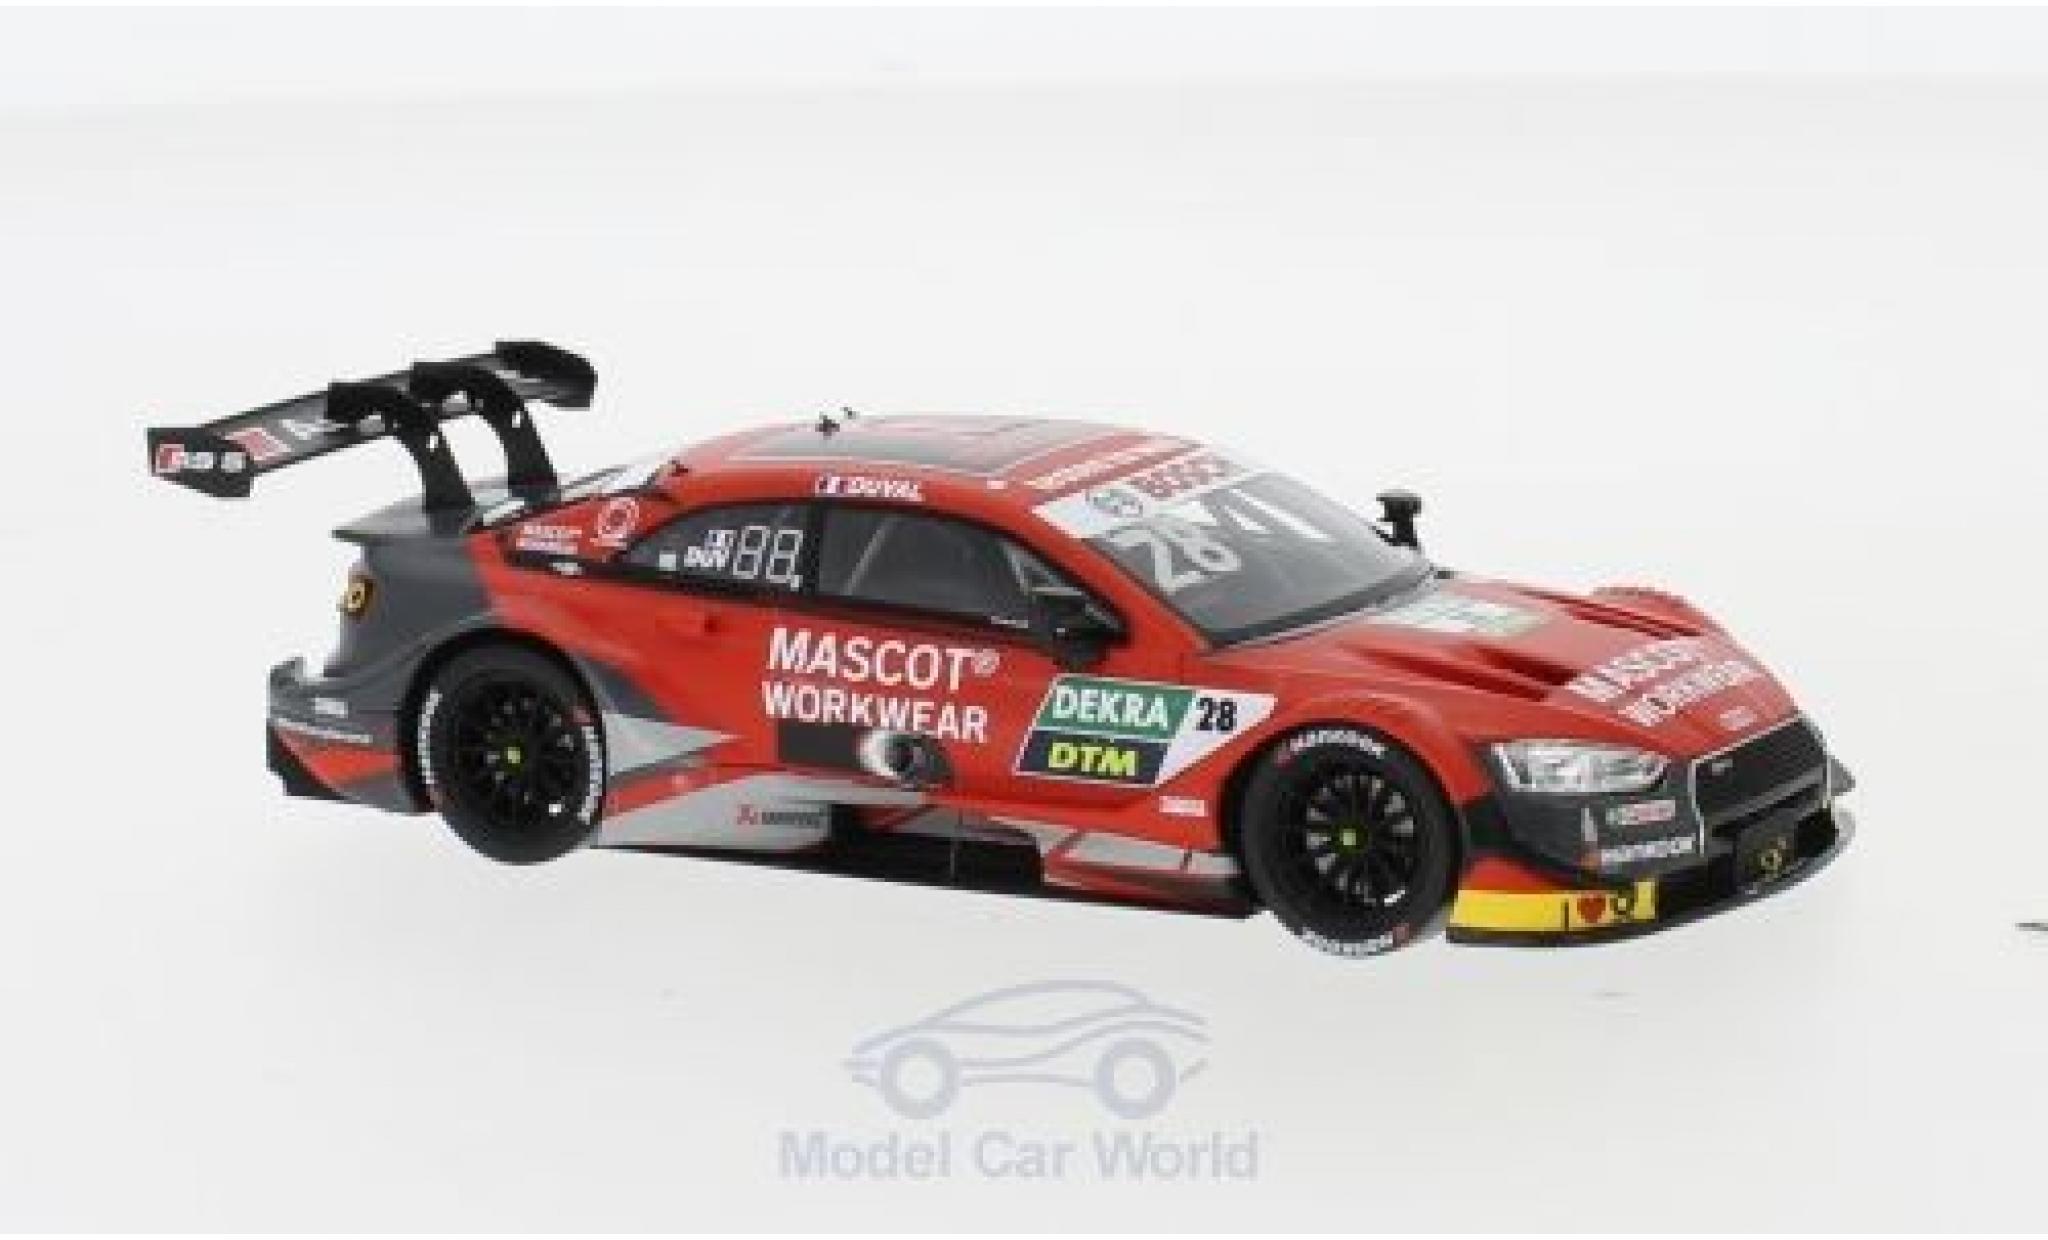 Audi RS5 1/43 Spark RS 5 DTM No.28 DTM 2019 L.Duval